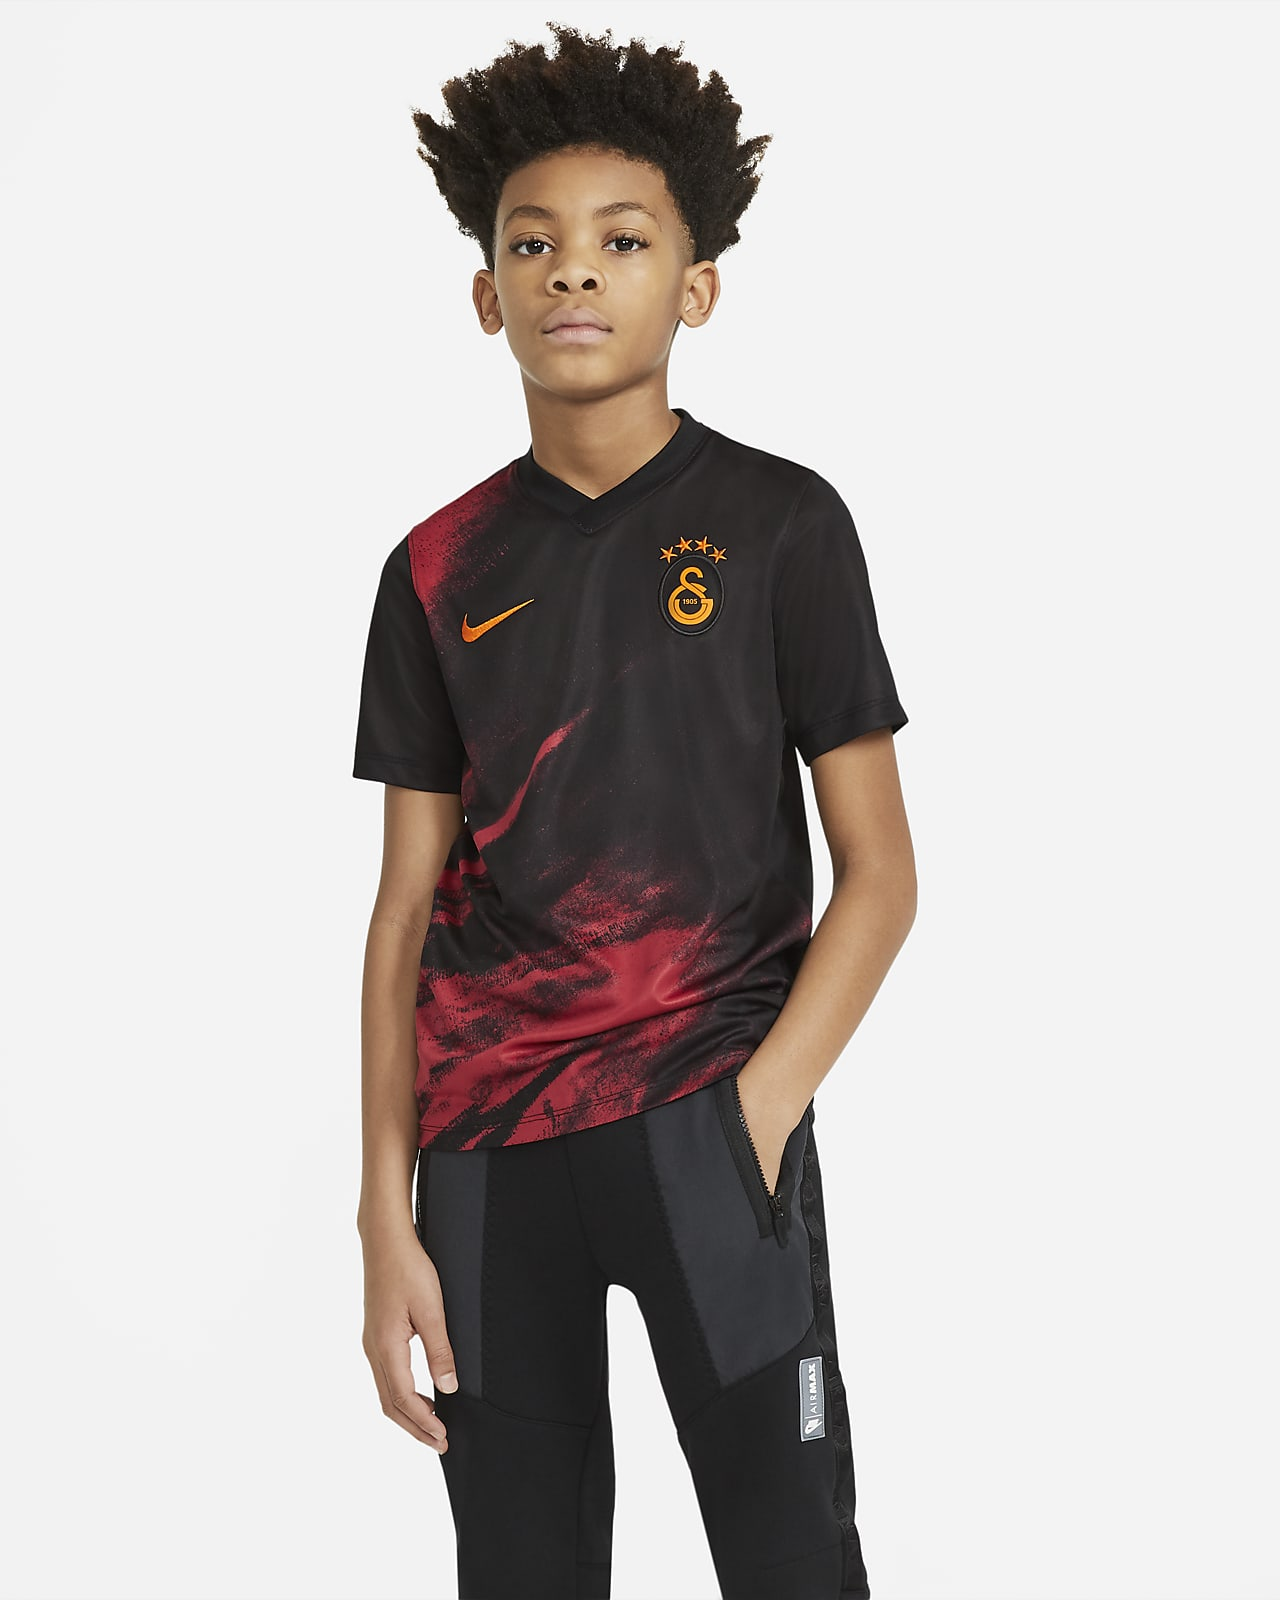 Camiseta de fútbol de visitante para niños talla grande del Galatasaray 2020/2021